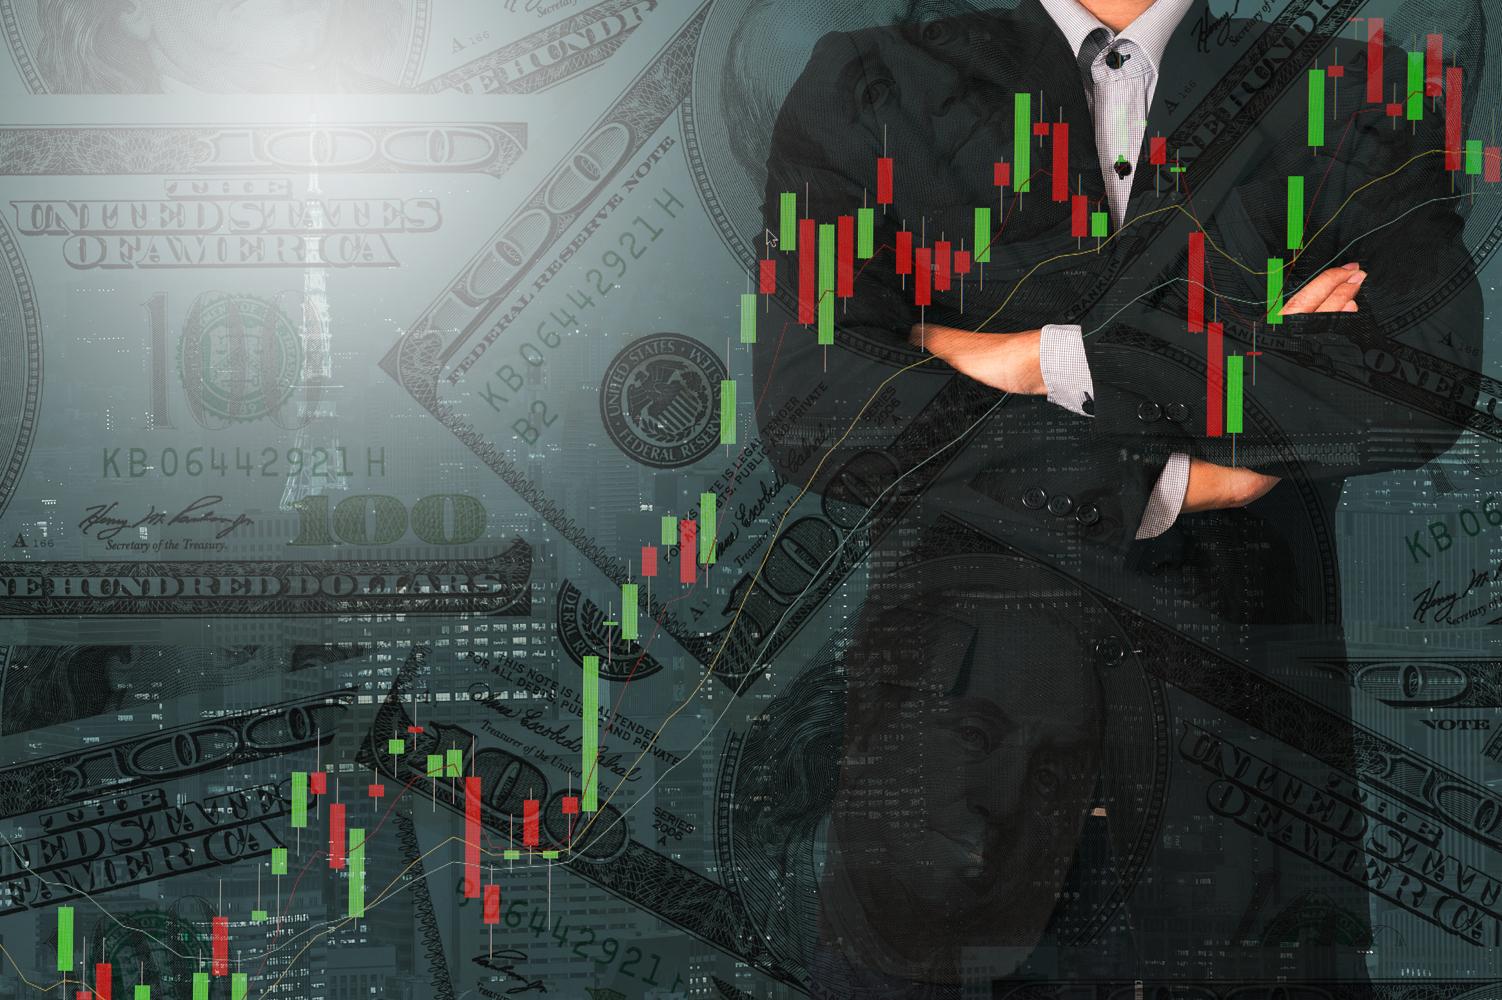 24 de opțiuni binare cu un depozit minim cum poți face bani investind